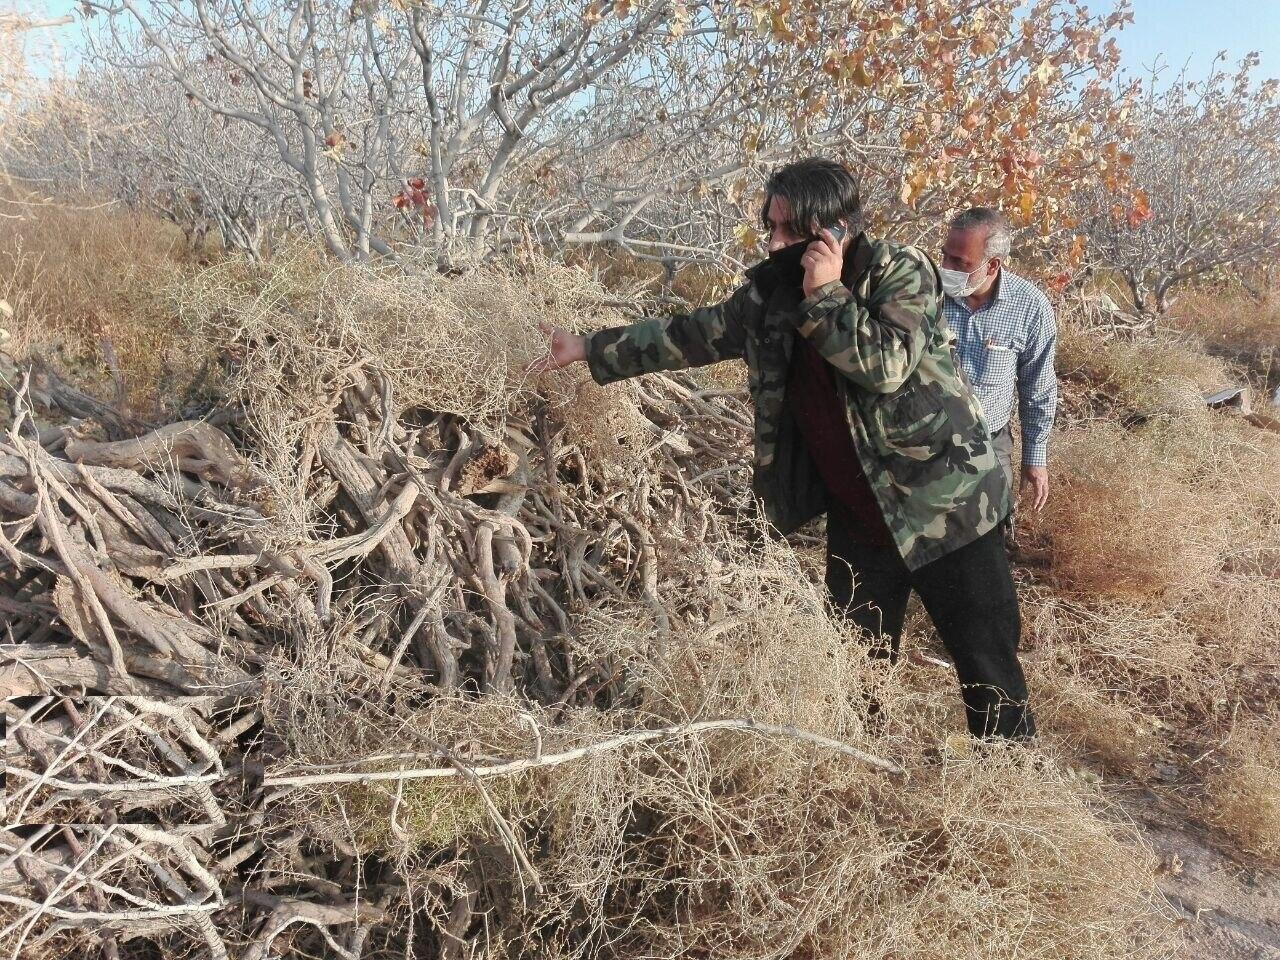 ۸ تن چوب تاغ در شاهرود کشف شد